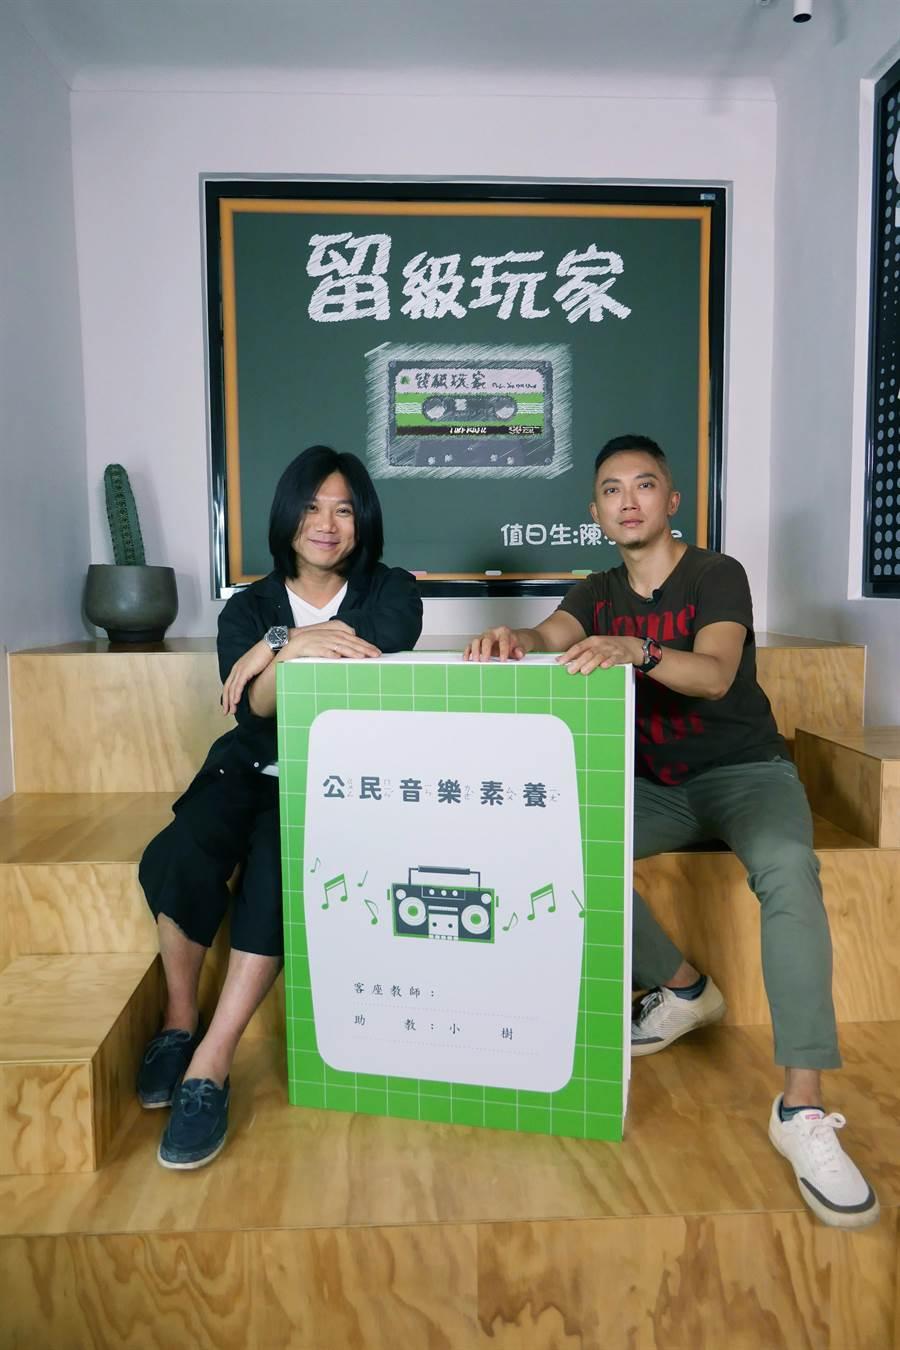 《留級玩家》主持人小樹(右)邀瑪莎分享高中留學一年的心情。(新視紀整合行銷提供)